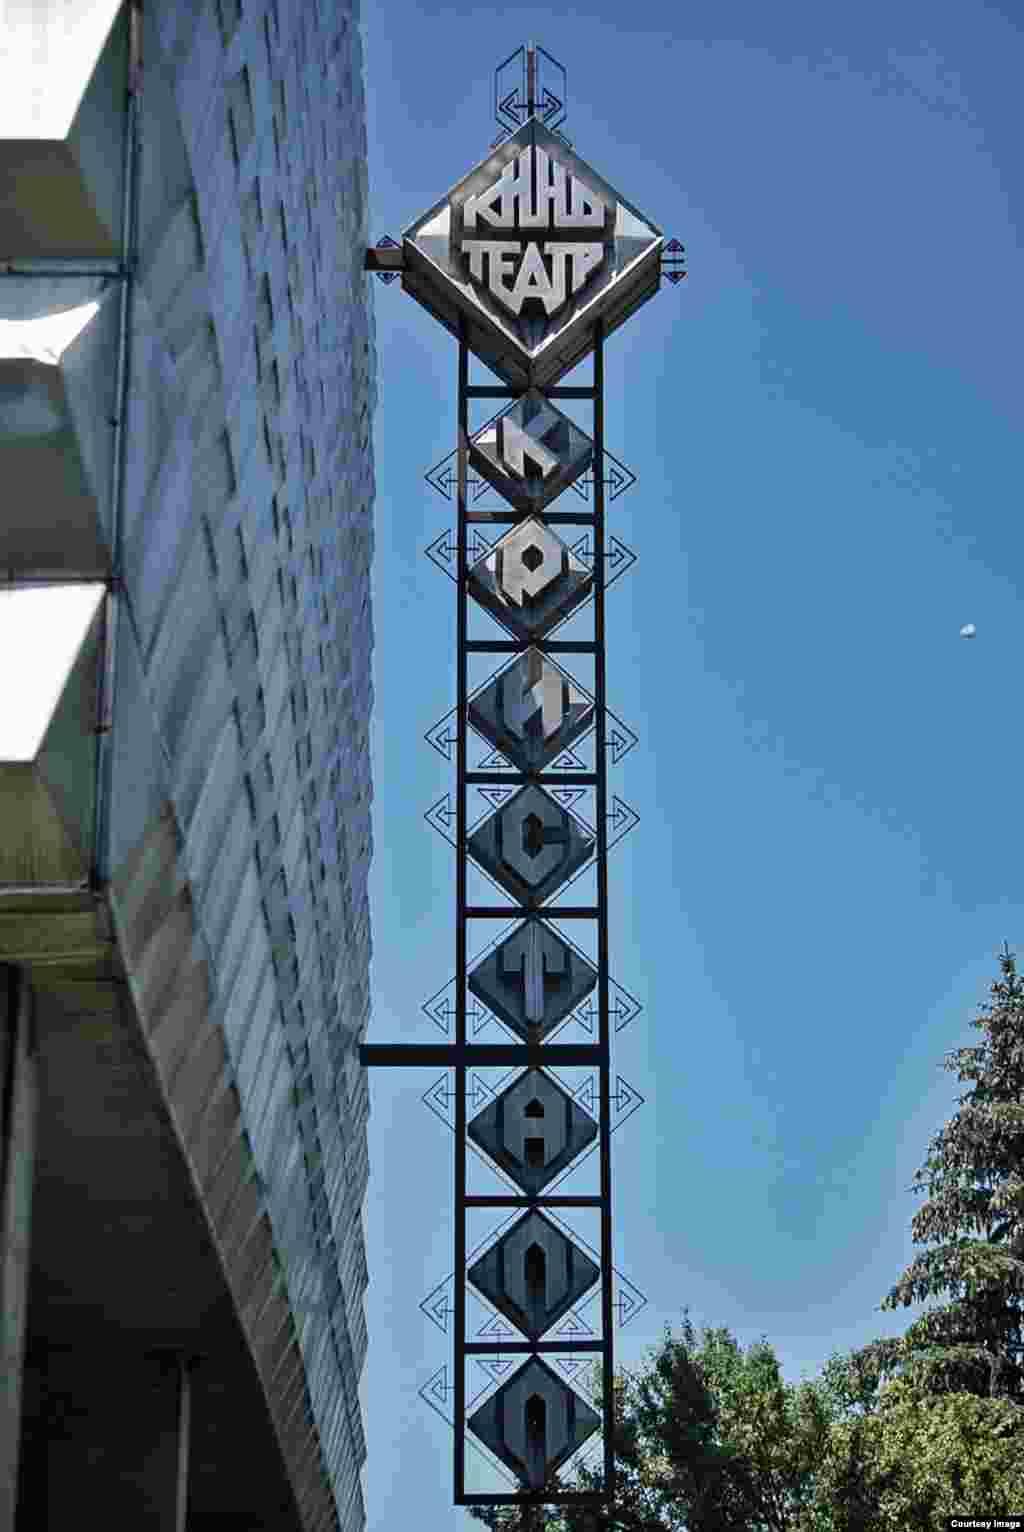 Кинотеатр «Кристалл», Железноводск. Кинотеатр закрыт не больше 10 лет. Снаружи он полностью покрыт металлическими панелями, которые блестят на солнце. В подвале блогеры нашли афиши фильма«Ночной дозор»